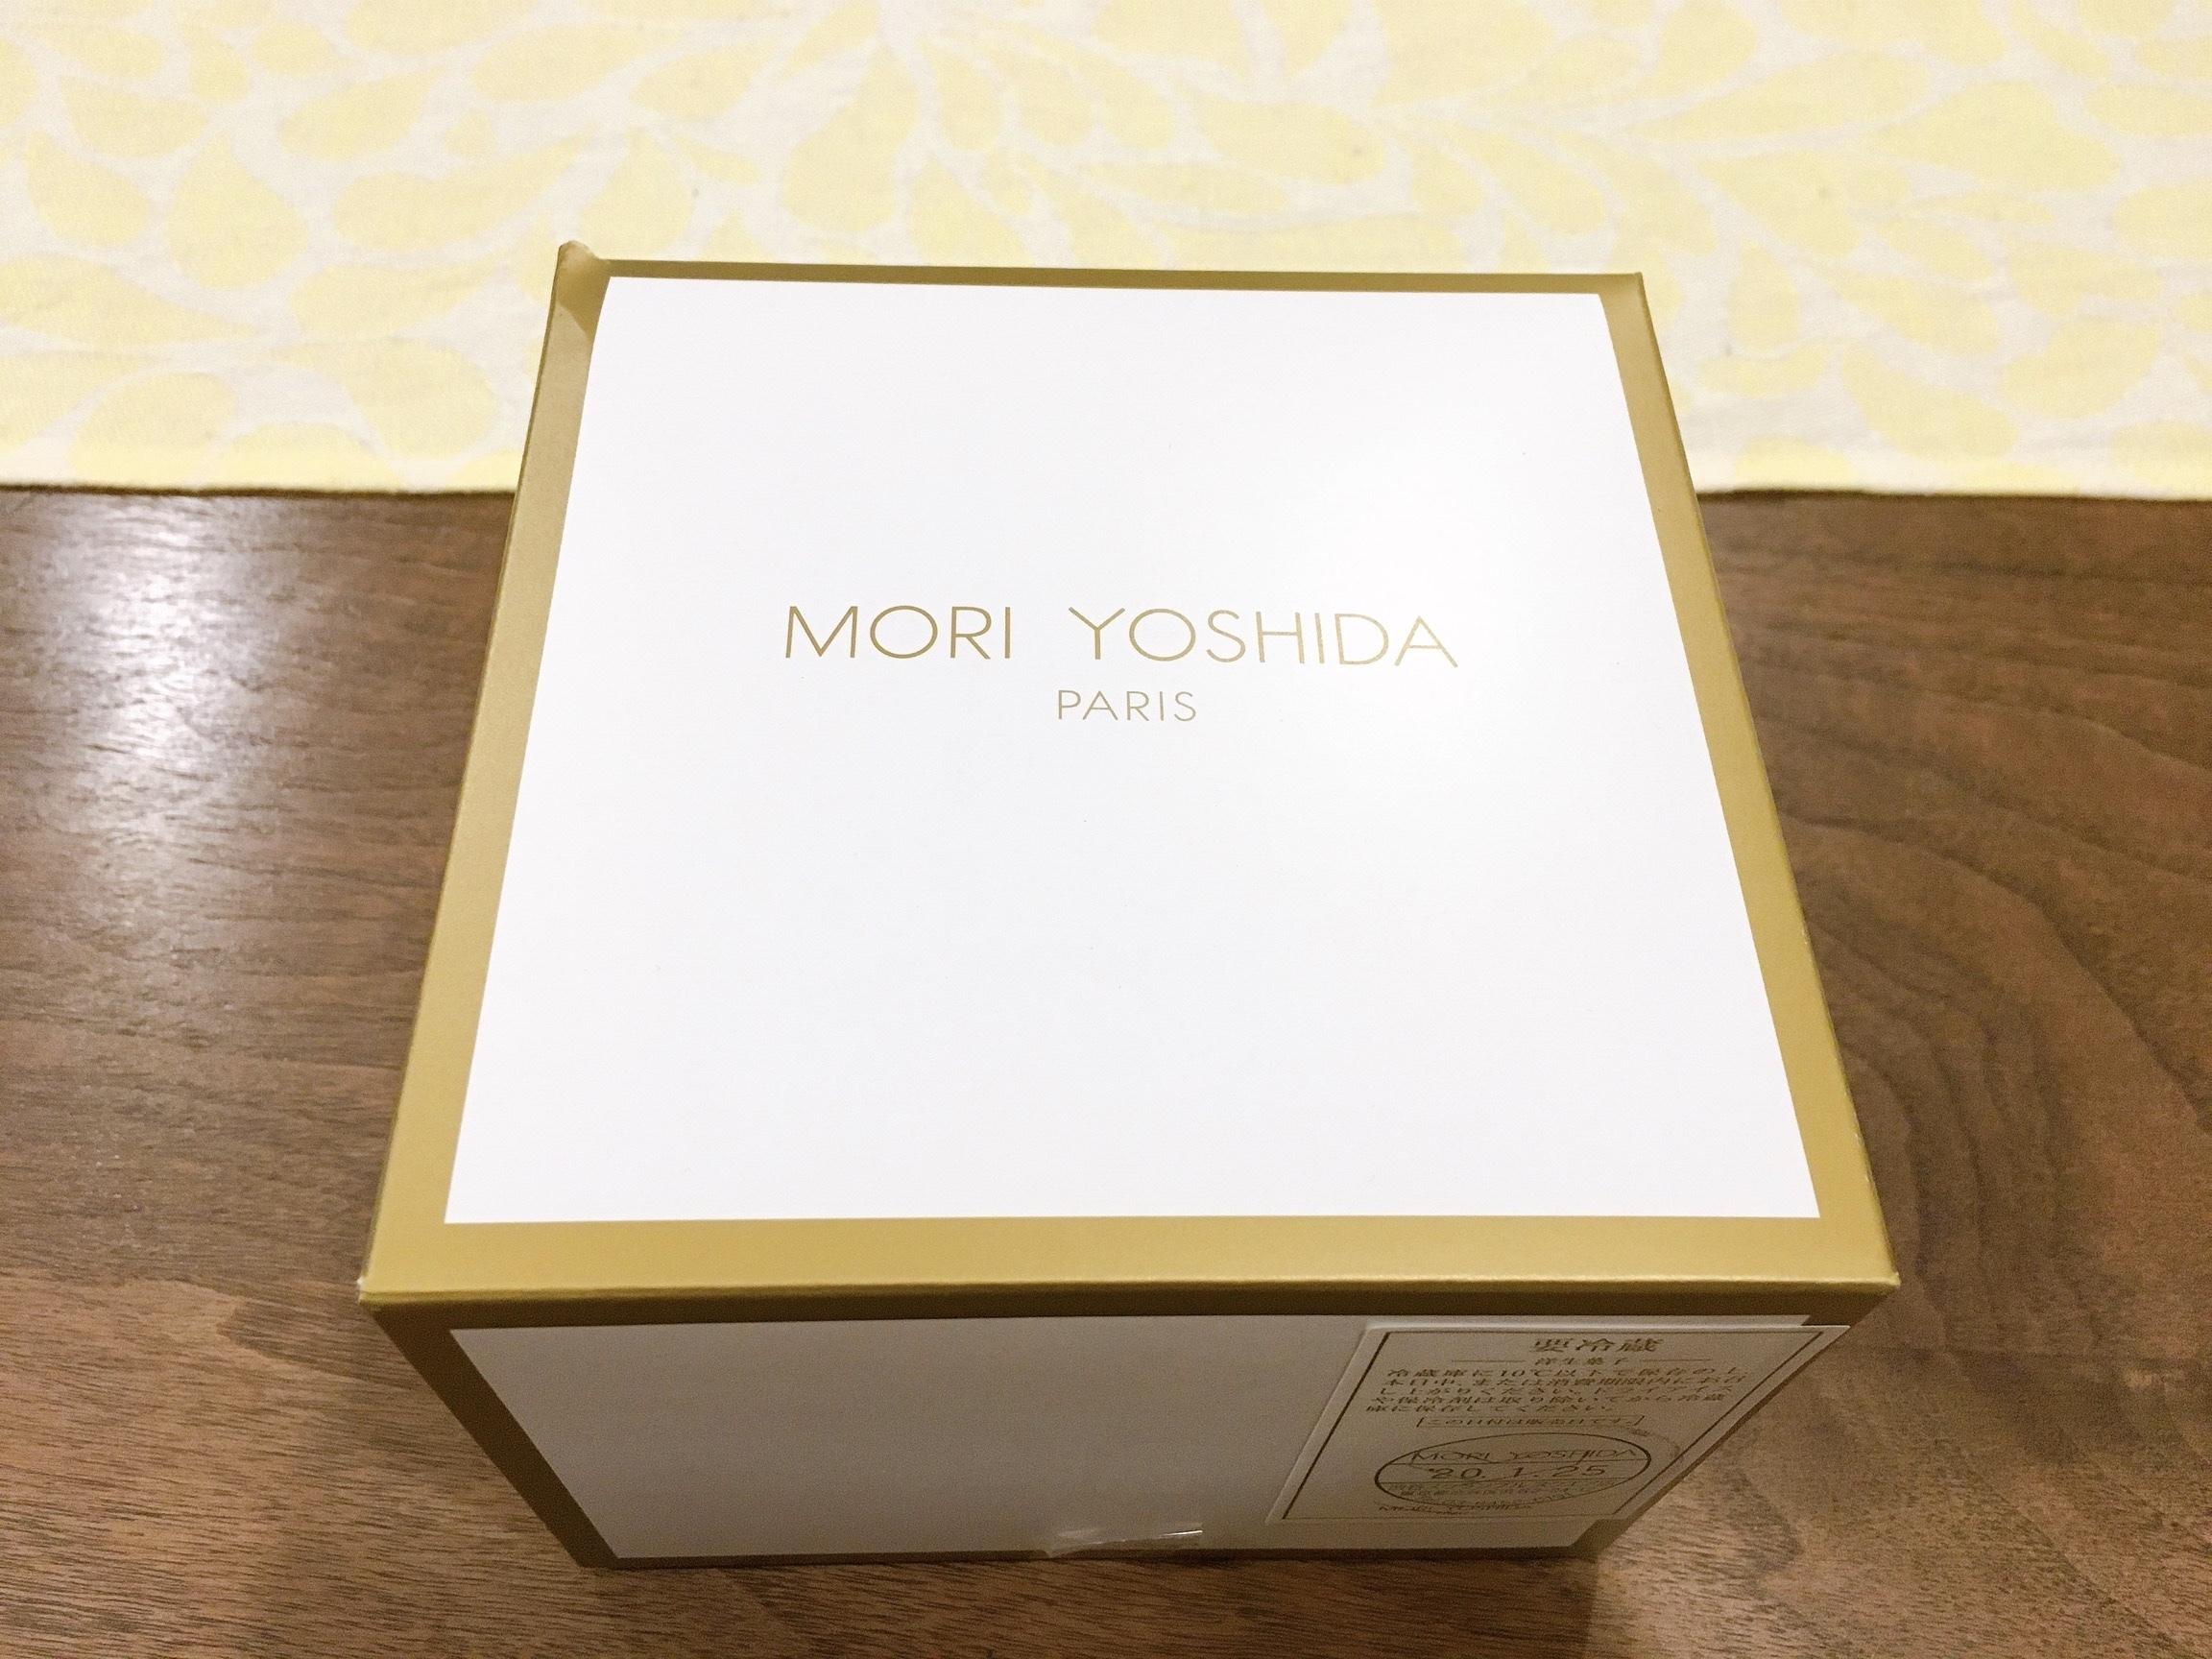 大注目のご褒美ケーキ【MORI YOSHDA】_1_4-1